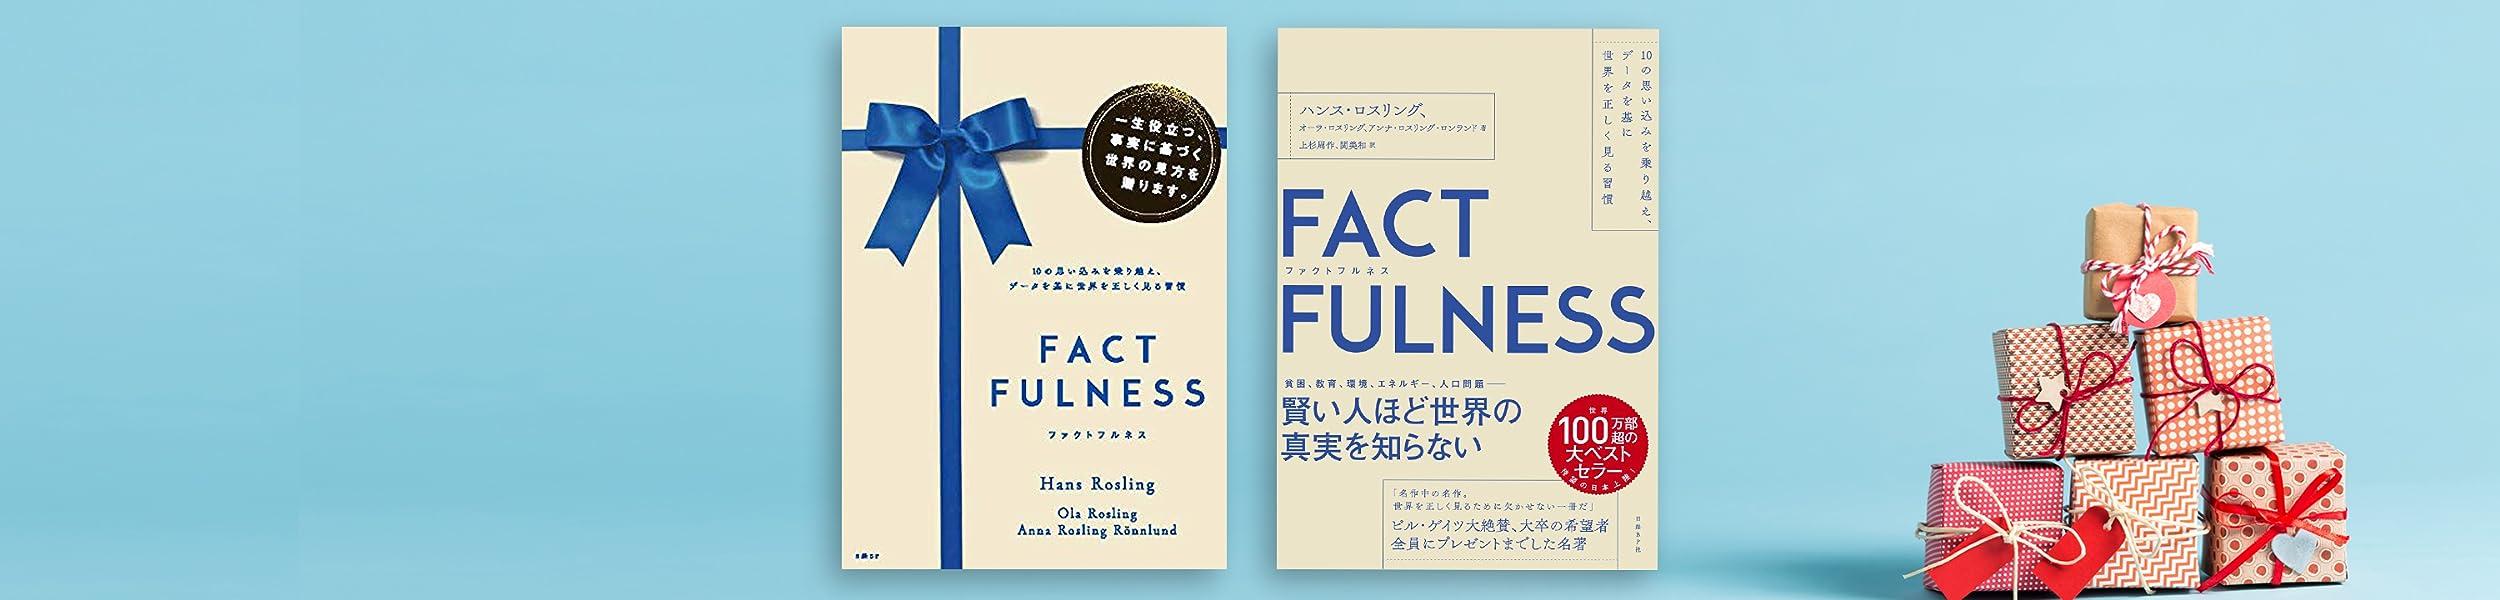 FACTFULNESS (ファクトフルネス)